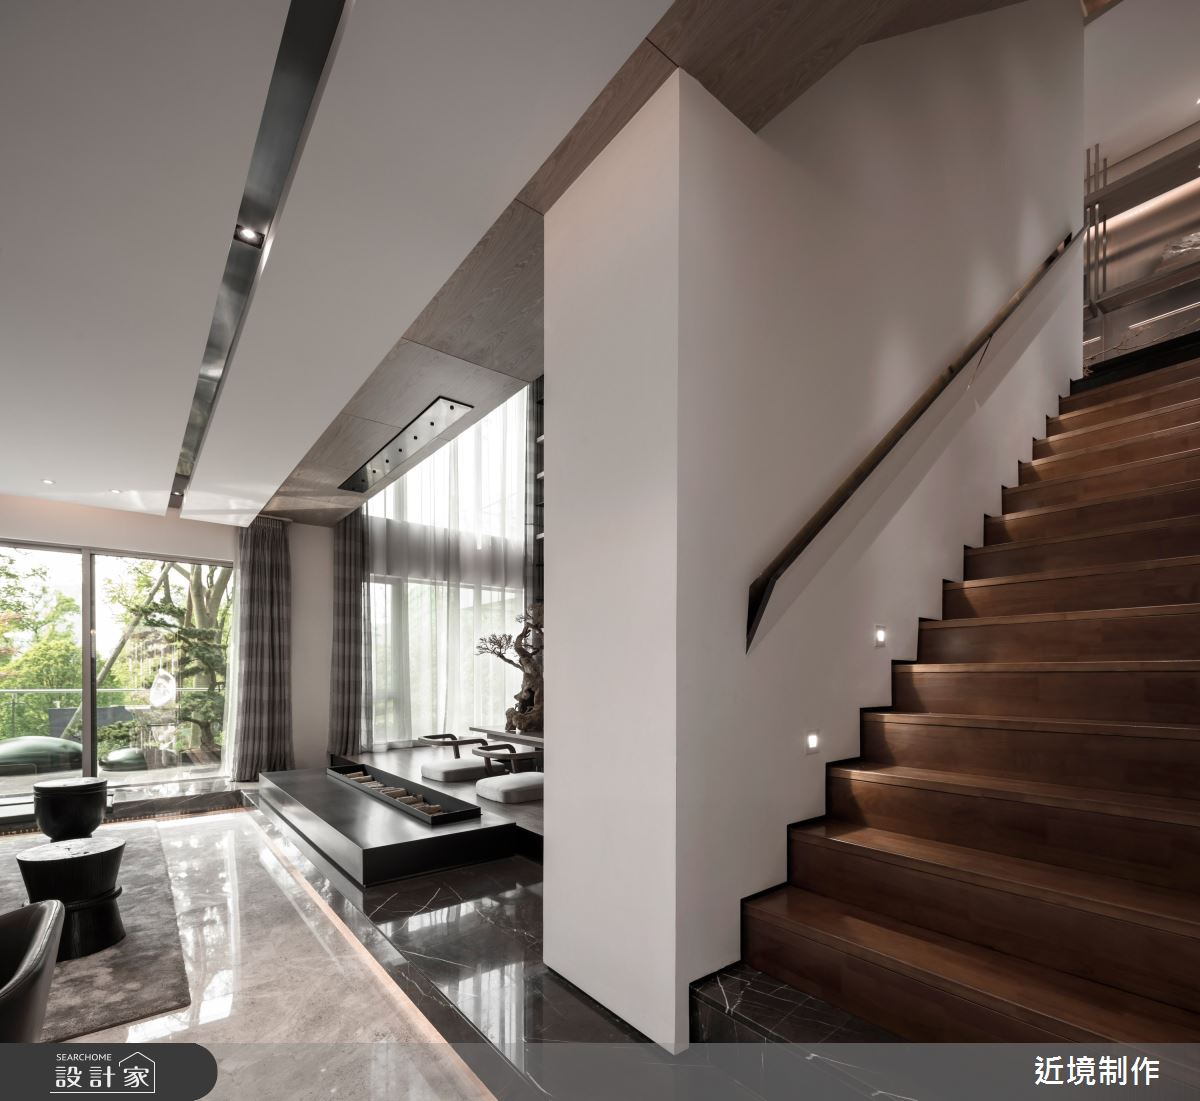 45坪新成屋(5年以下)_人文風樓梯案例圖片_近境制作_近境制作_86之14